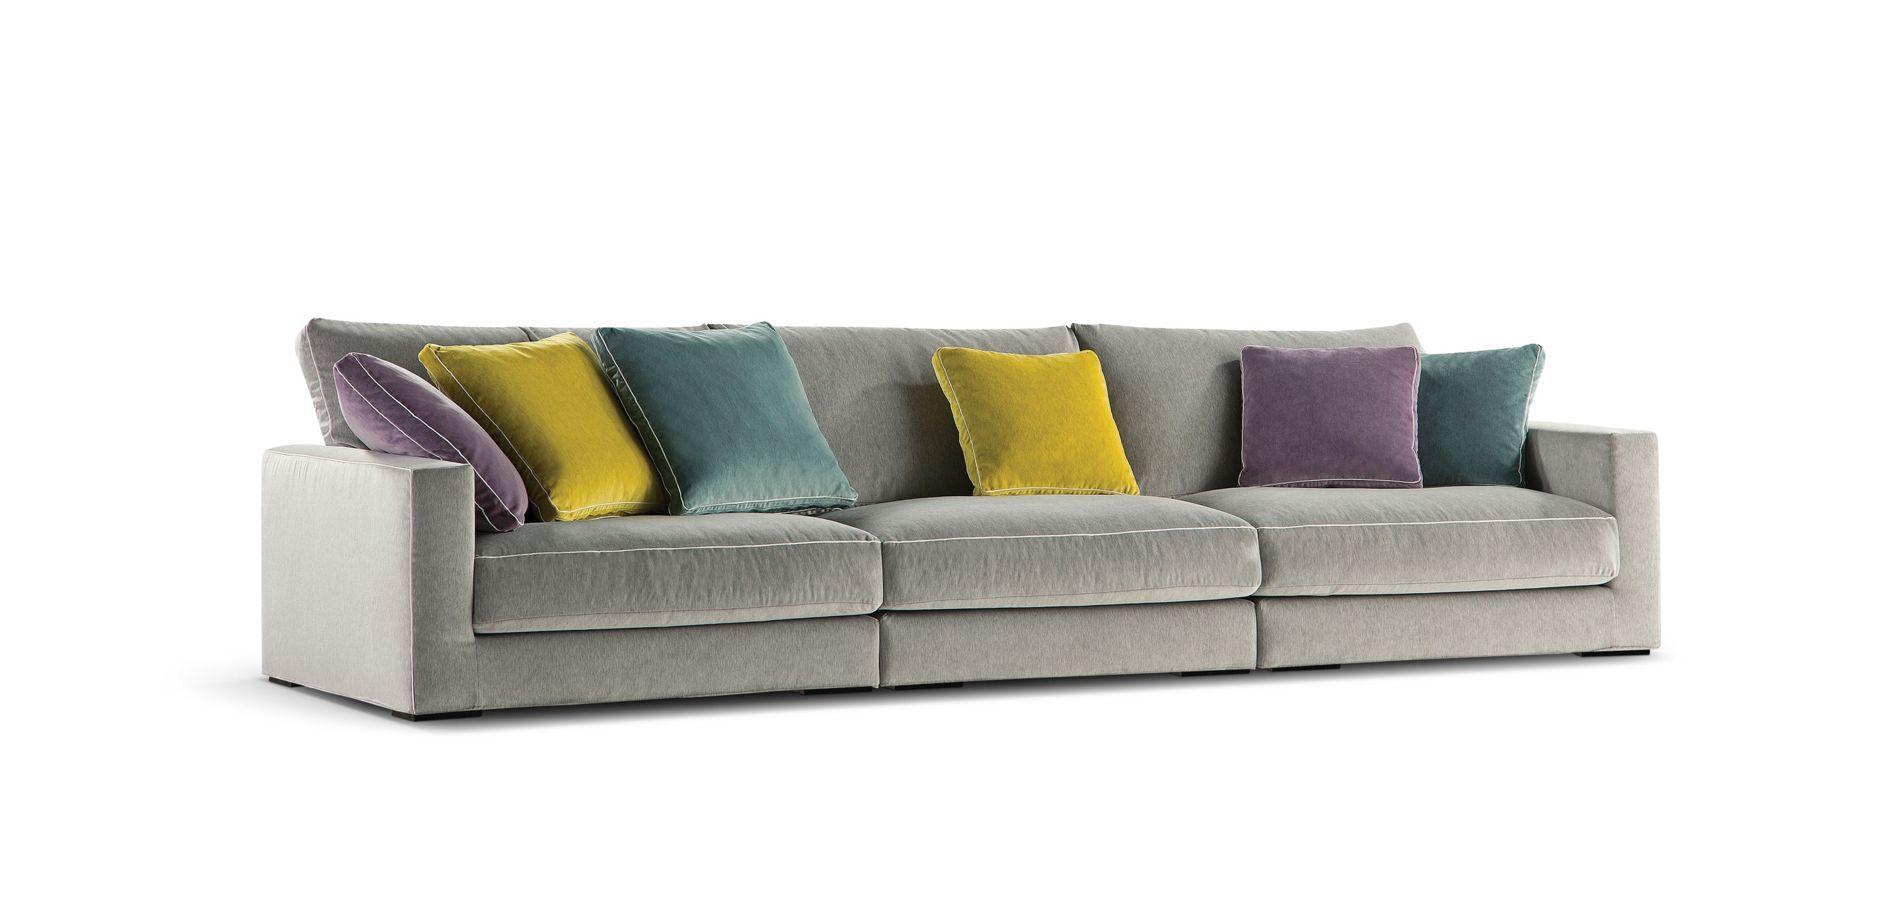 Long island straight composition sofas nouveaux for Chaise longue roche bobois